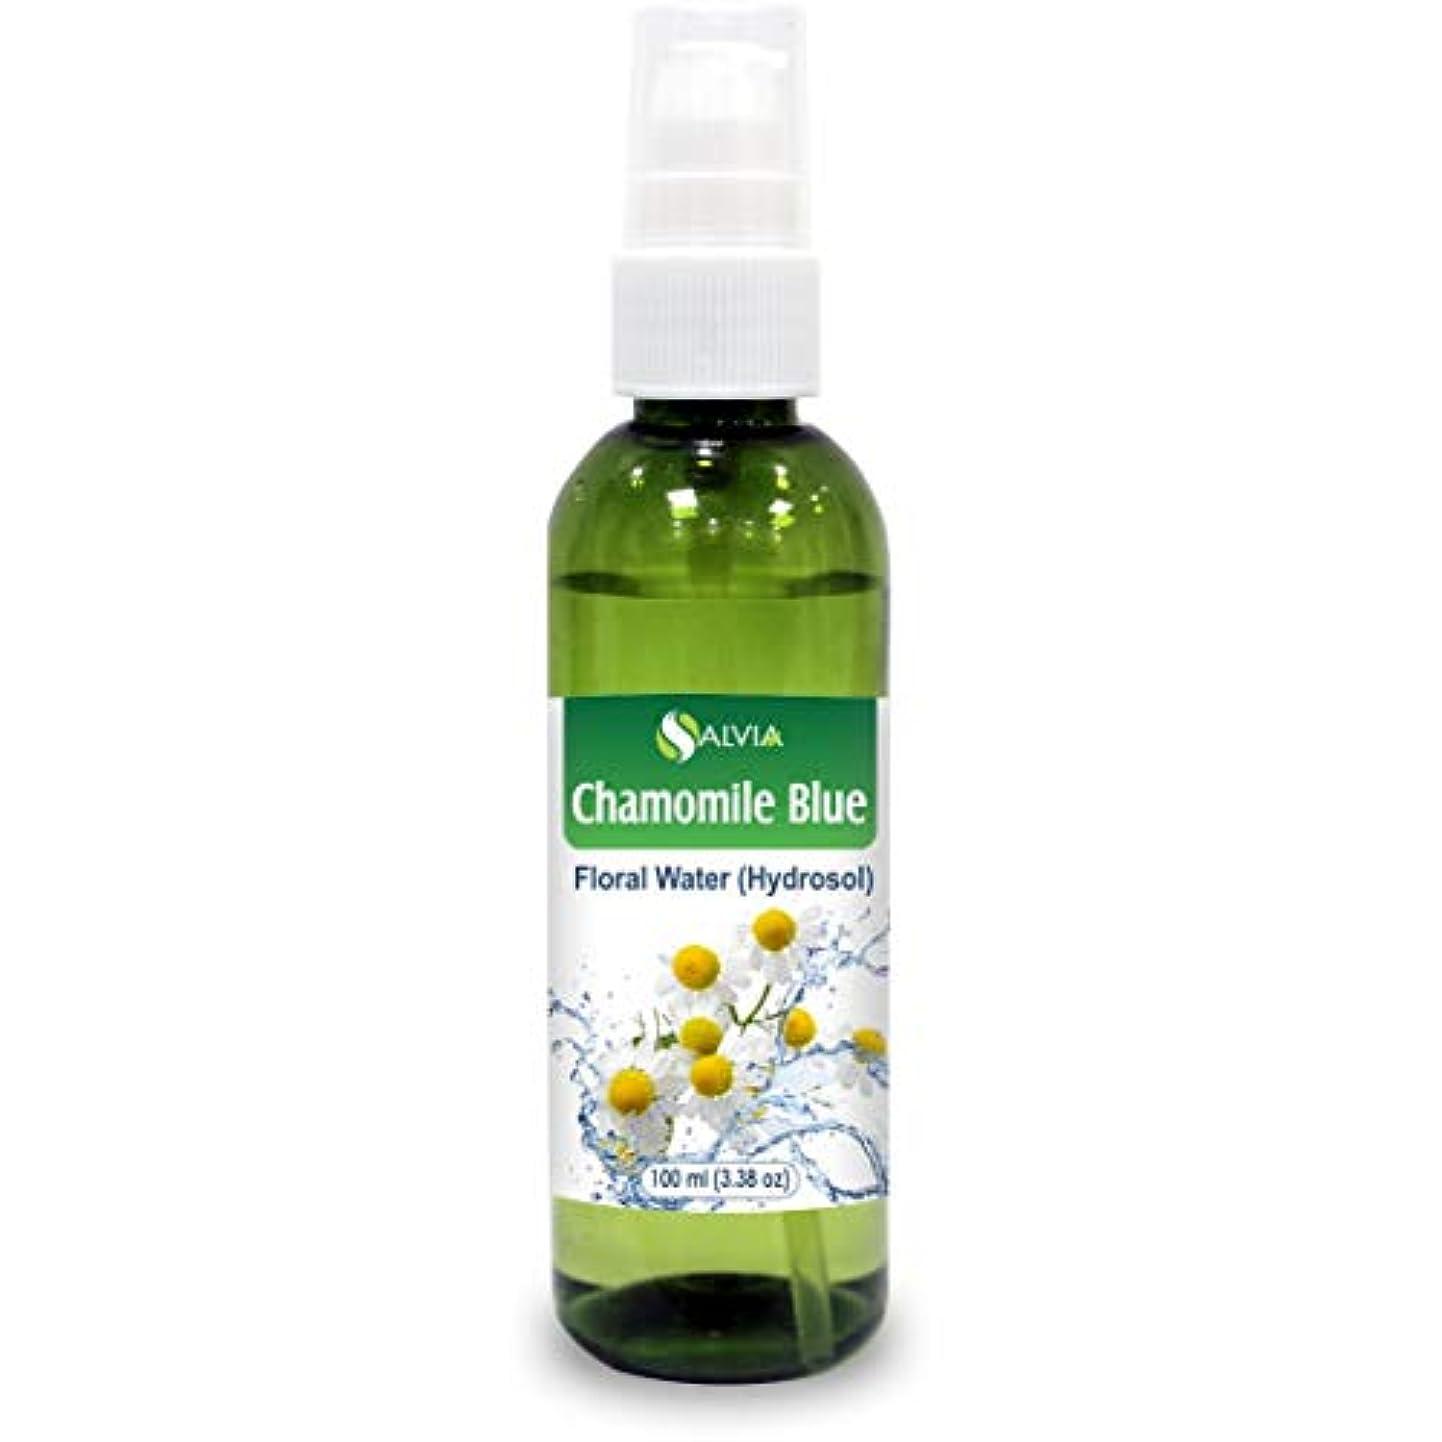 種スイ説明的Chamomile Oil, Blue Floral Water 100ml (Hydrosol) 100% Pure And Natural